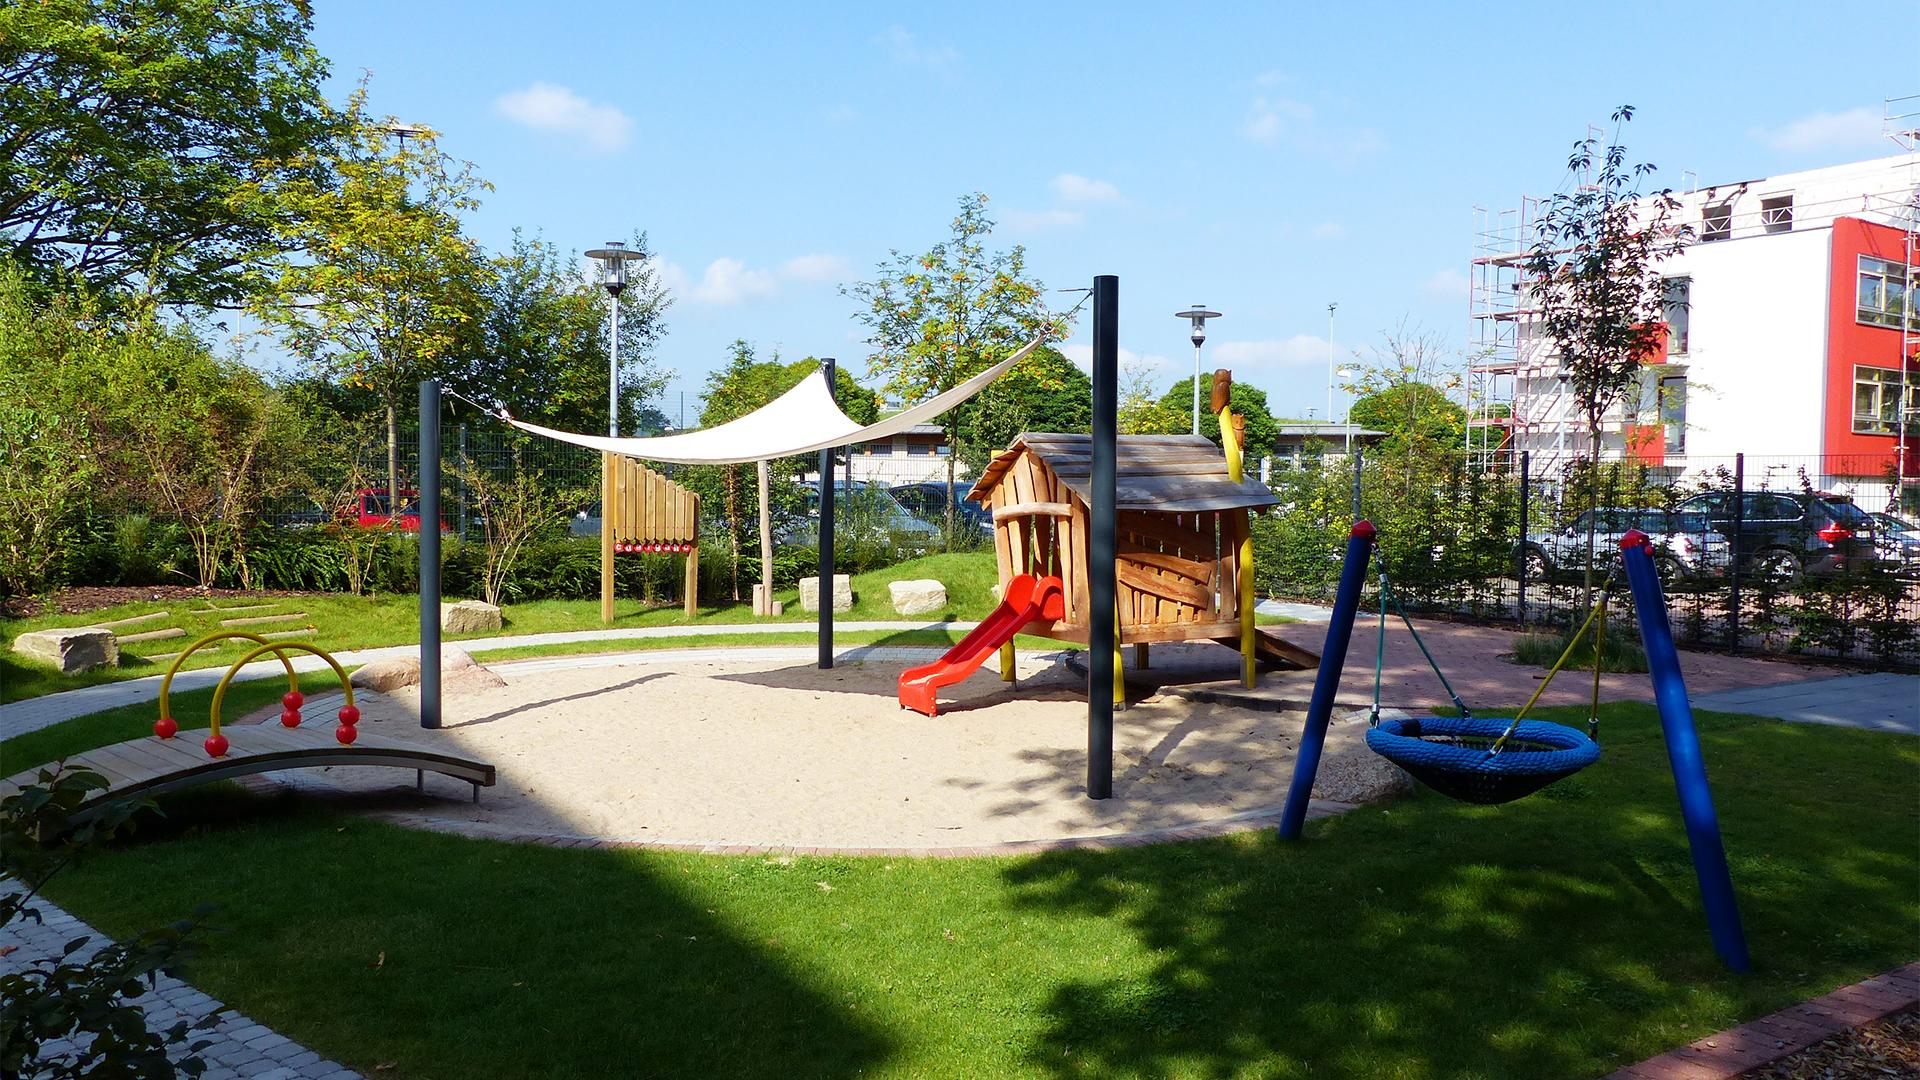 Spielplatz mit Sandkasten, Rutsche und Schaukel am Standort Essen-Rüttenscheid